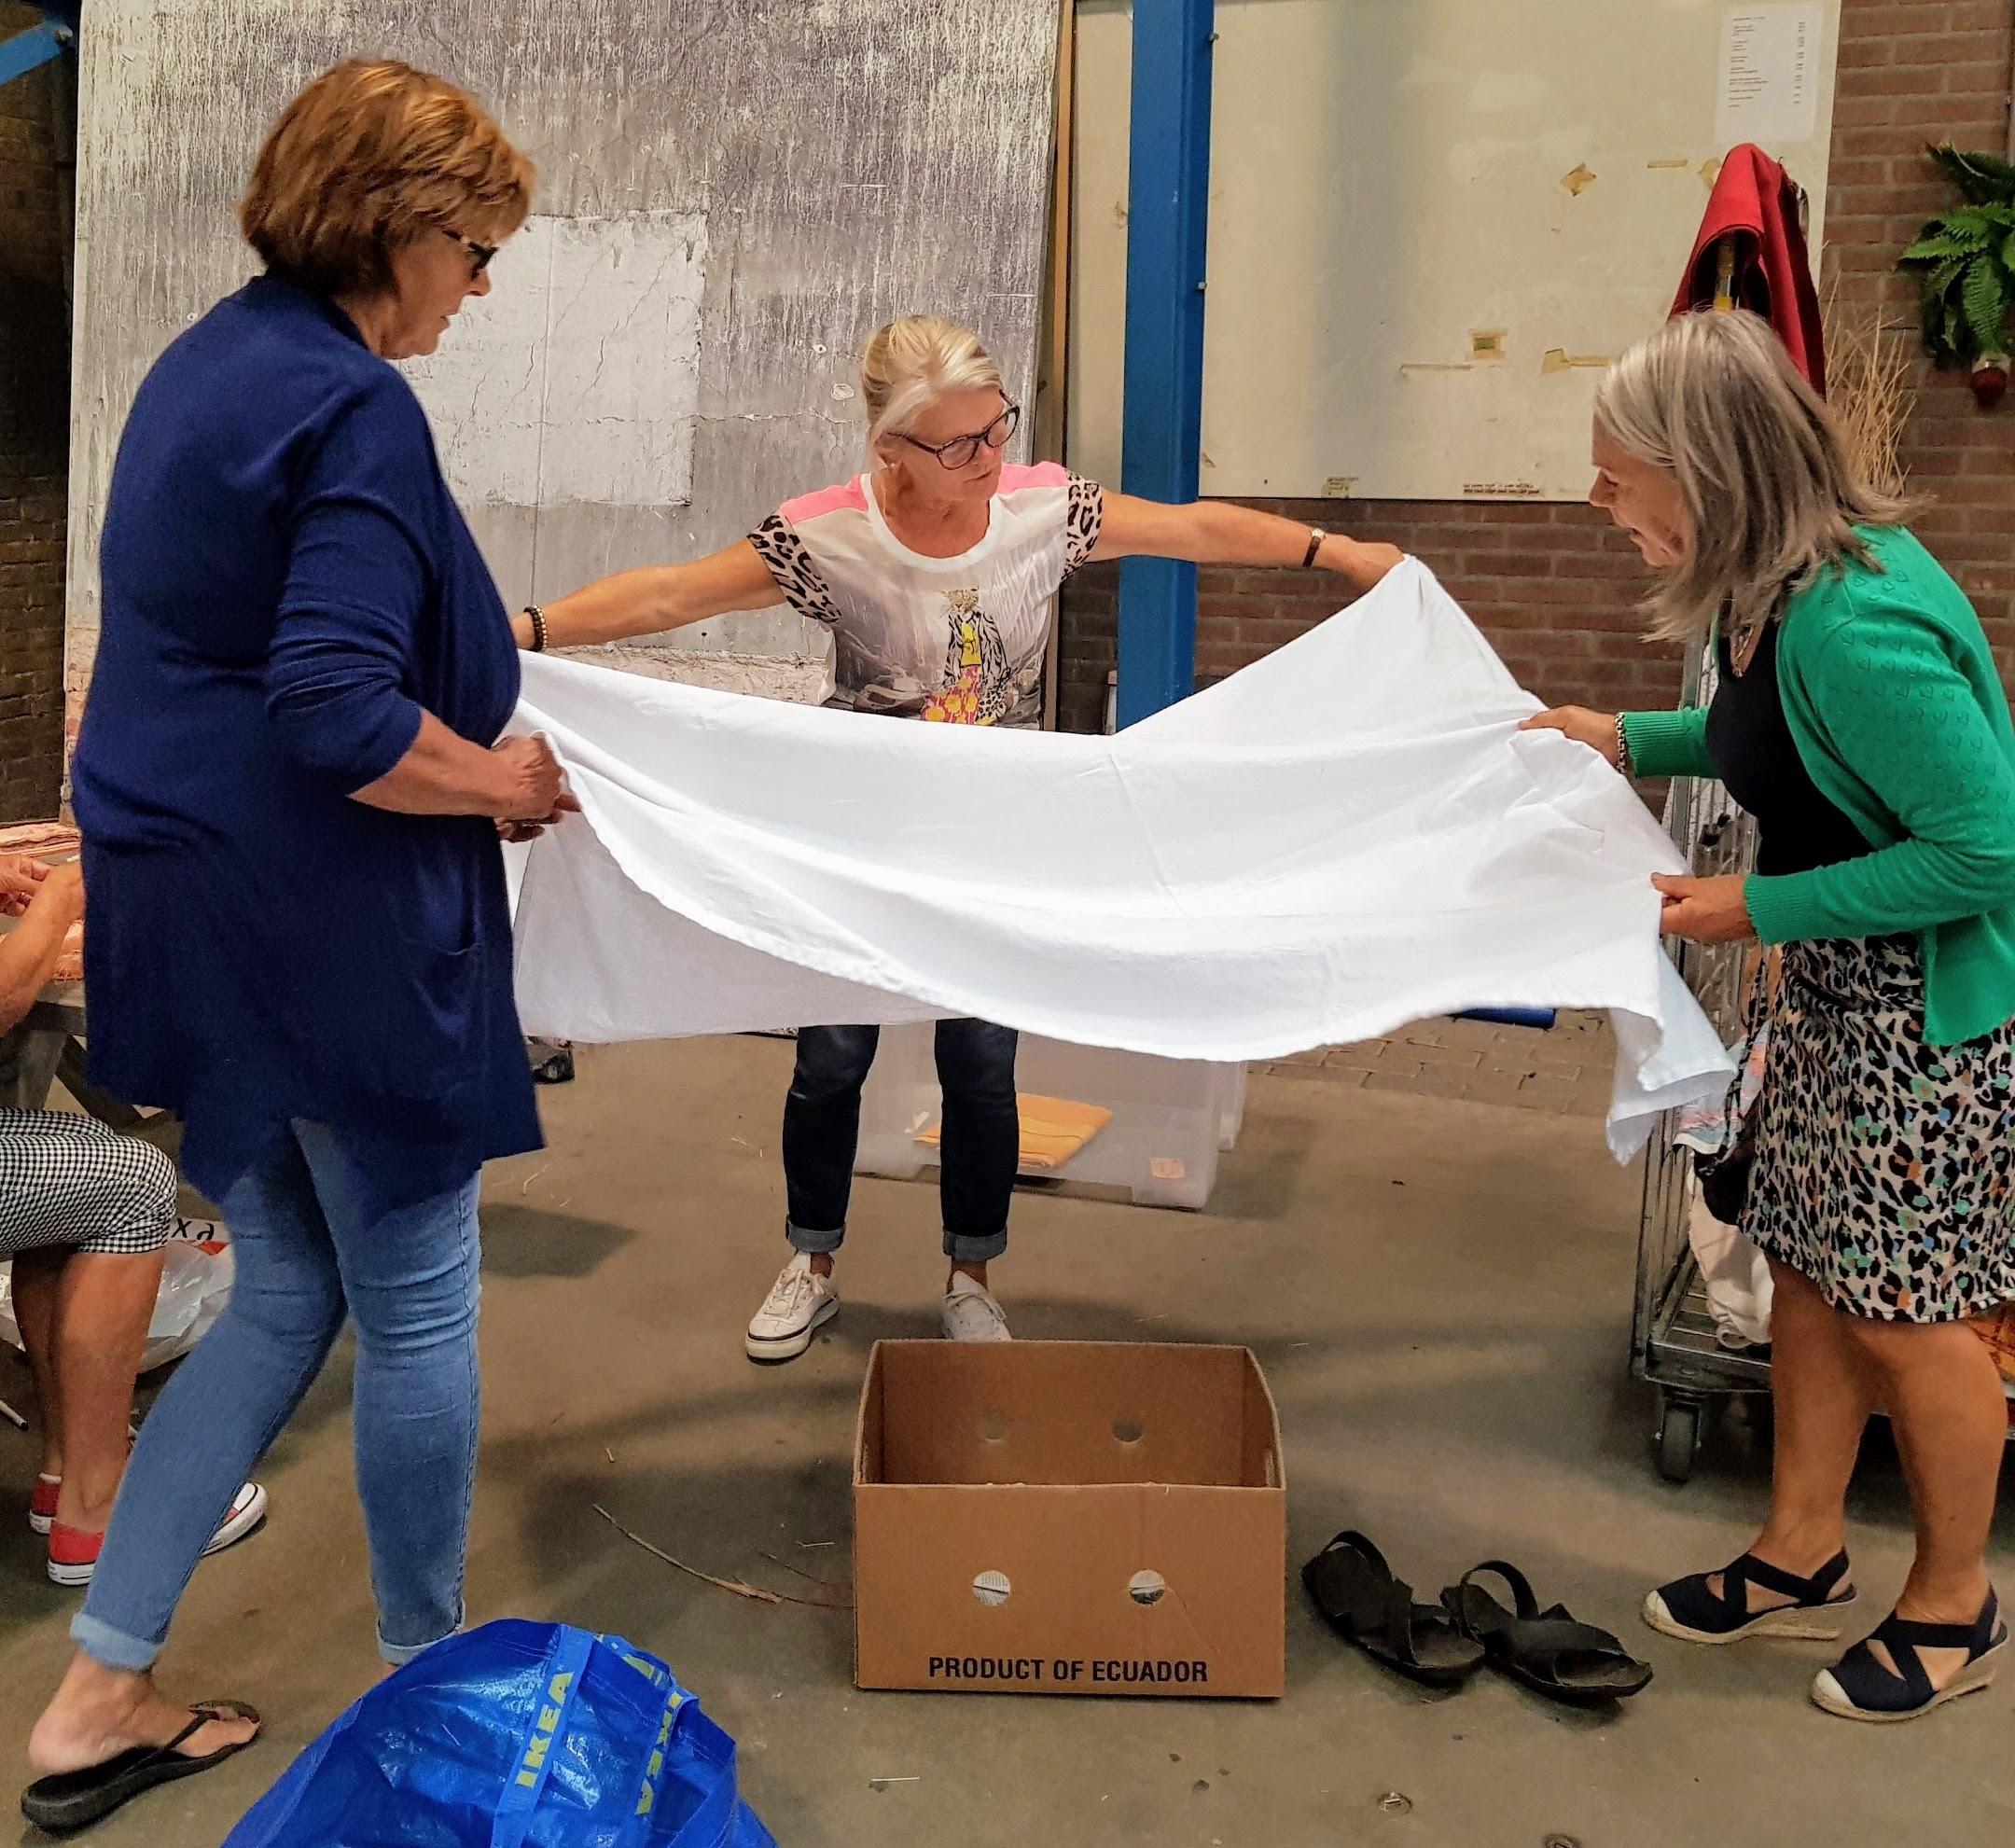 Lappendagen in Avenhorn: koopjesjagen voor goede doel